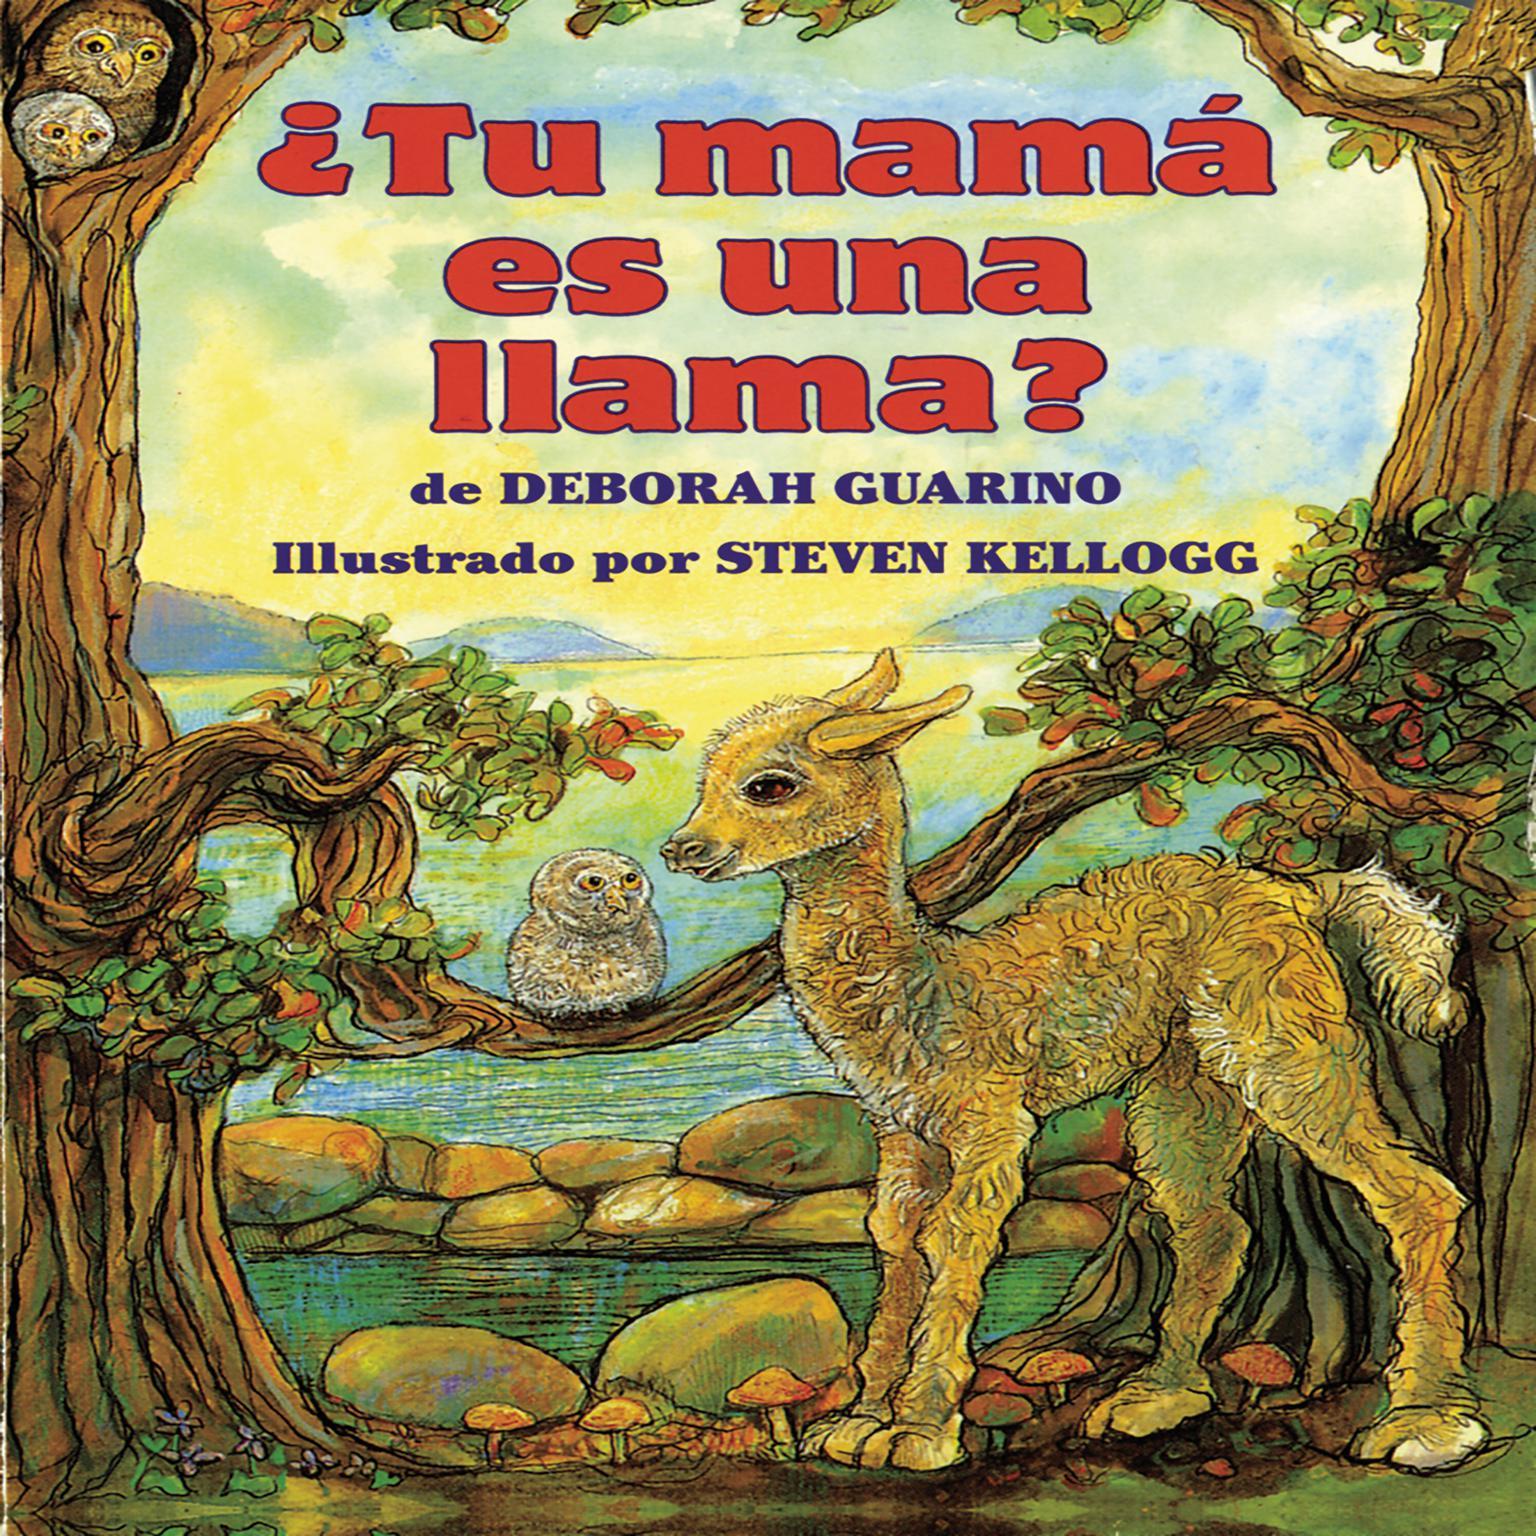 ¿Tu mamá es una llama? Audiobook, by Deborah Guarino